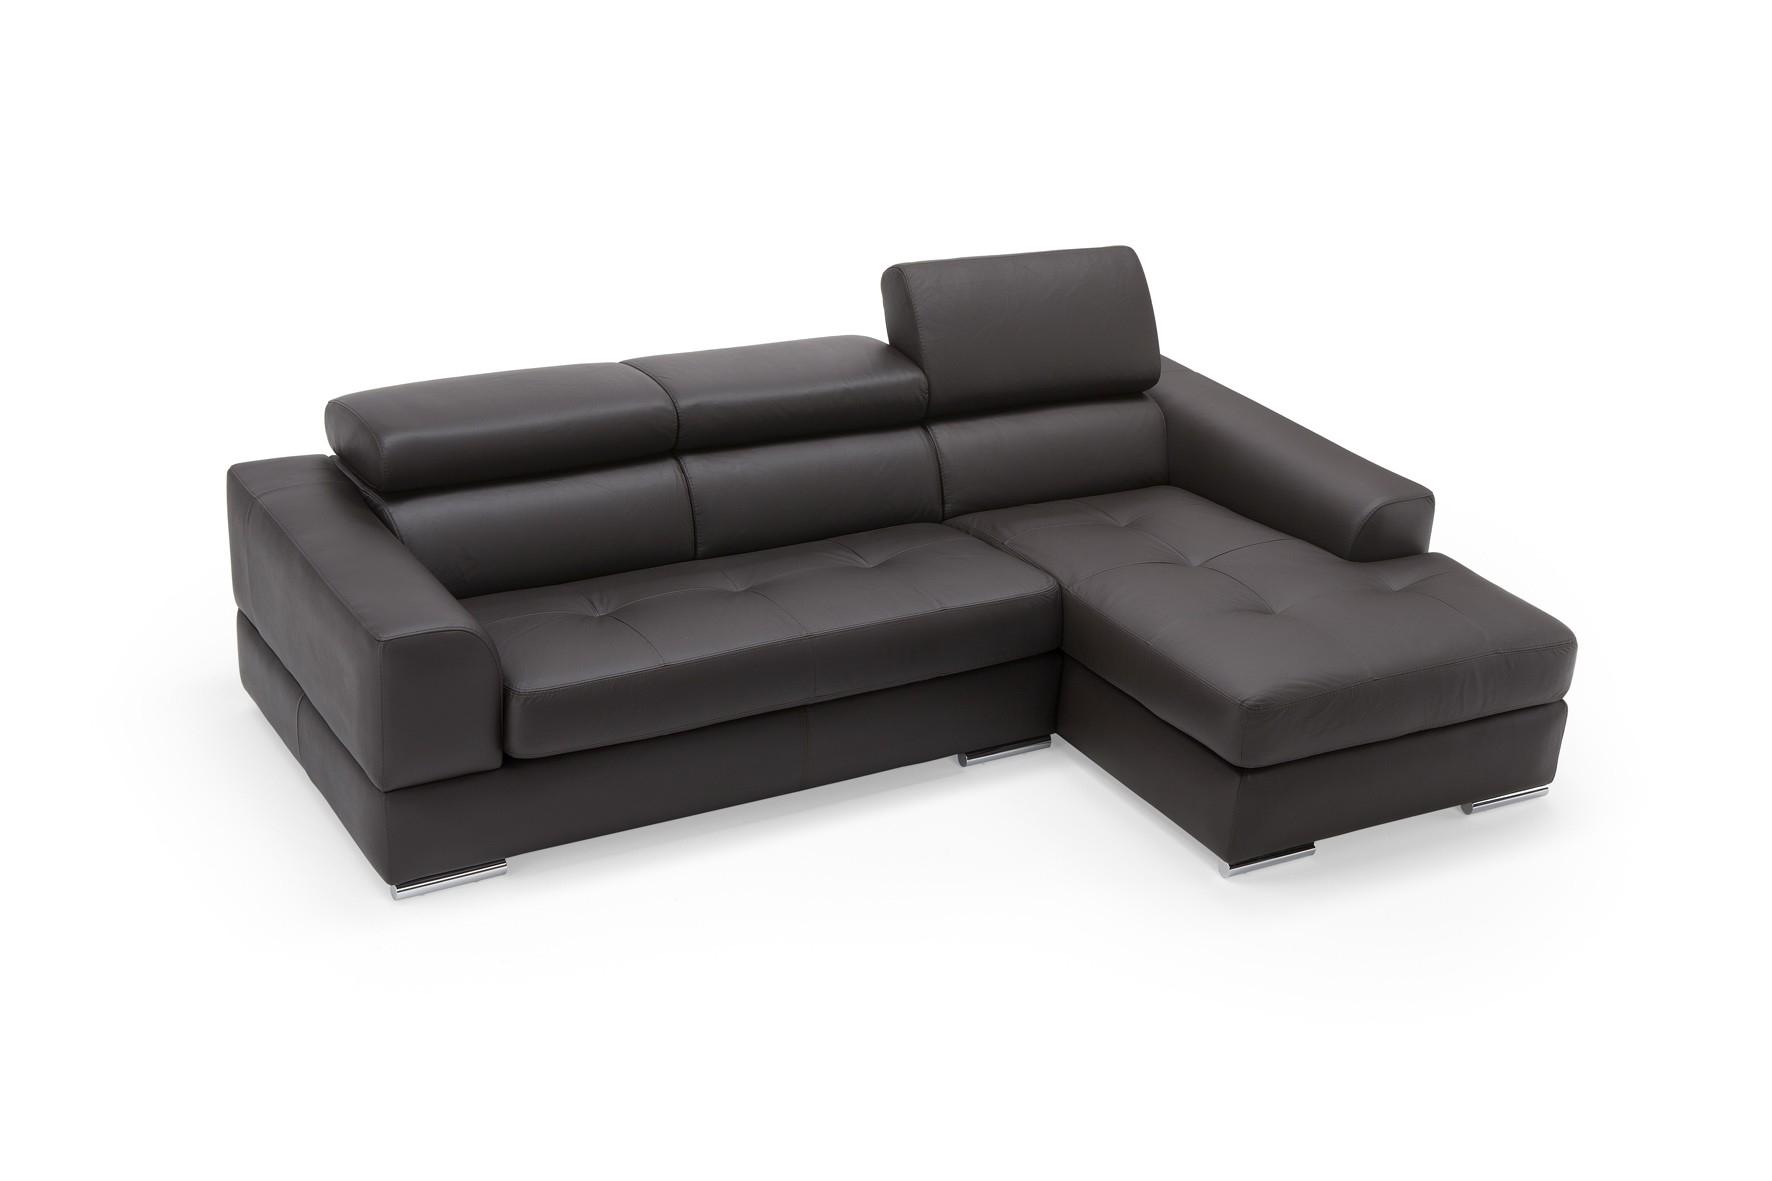 Divano pelle con chaise longue idee per il design della casa - Dimensioni divano con isola ...